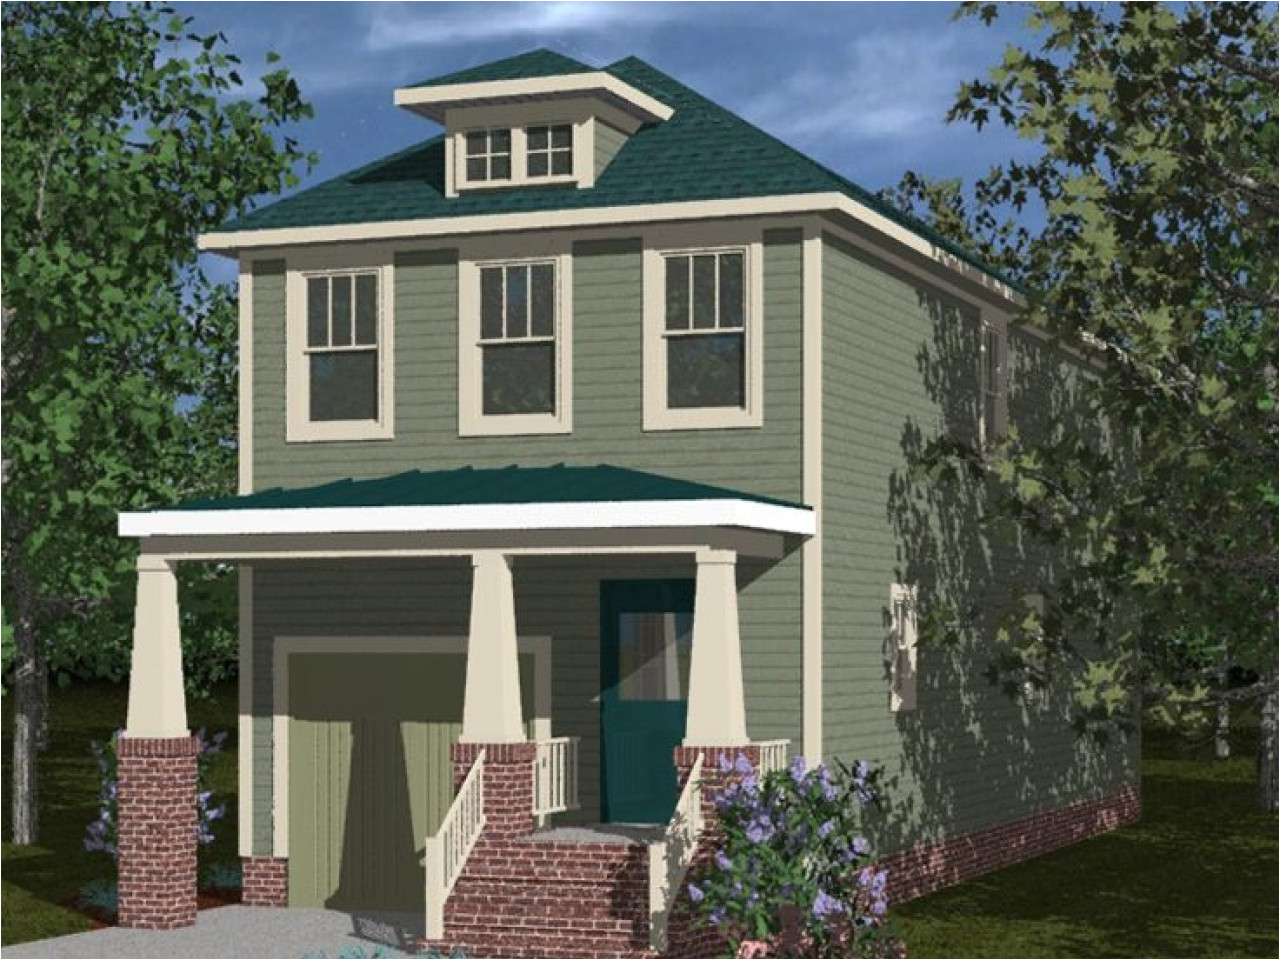 226772a9b46cdb5c lot narrow plan bungalow house bungalow narrow lot house plan